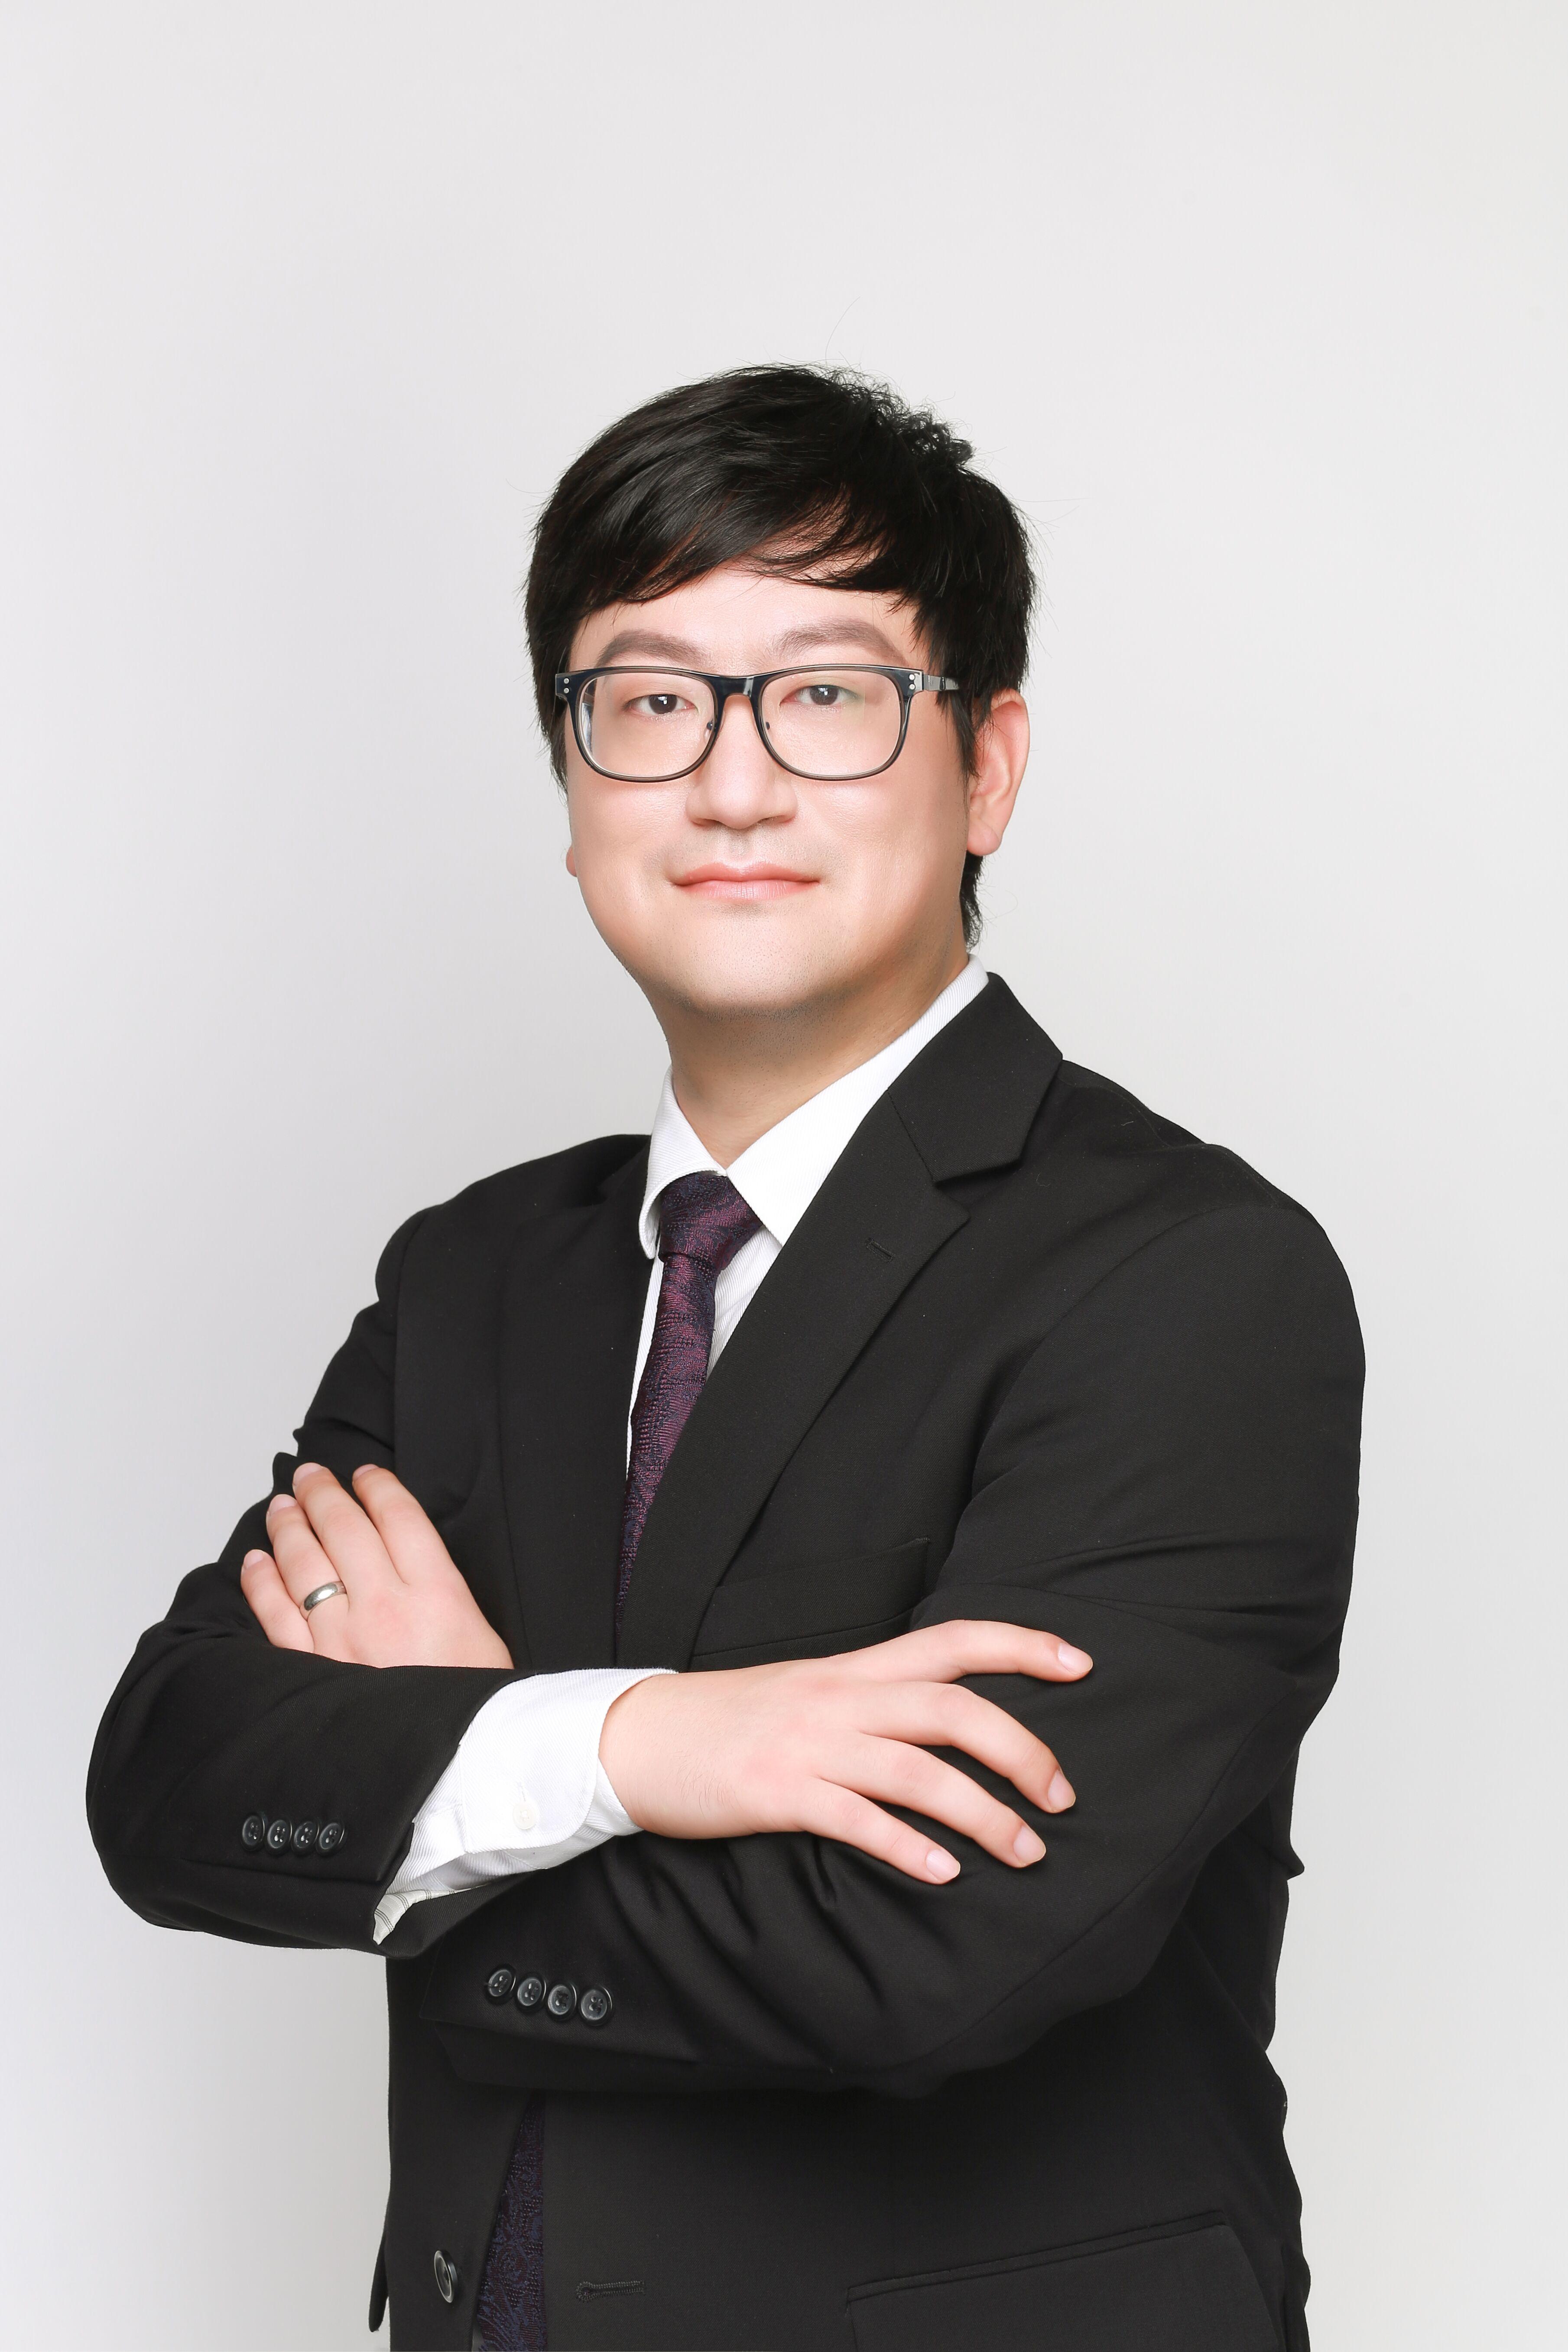 上海閃馬智能科技有限公司創始人、CEO土土(彭垚)照片